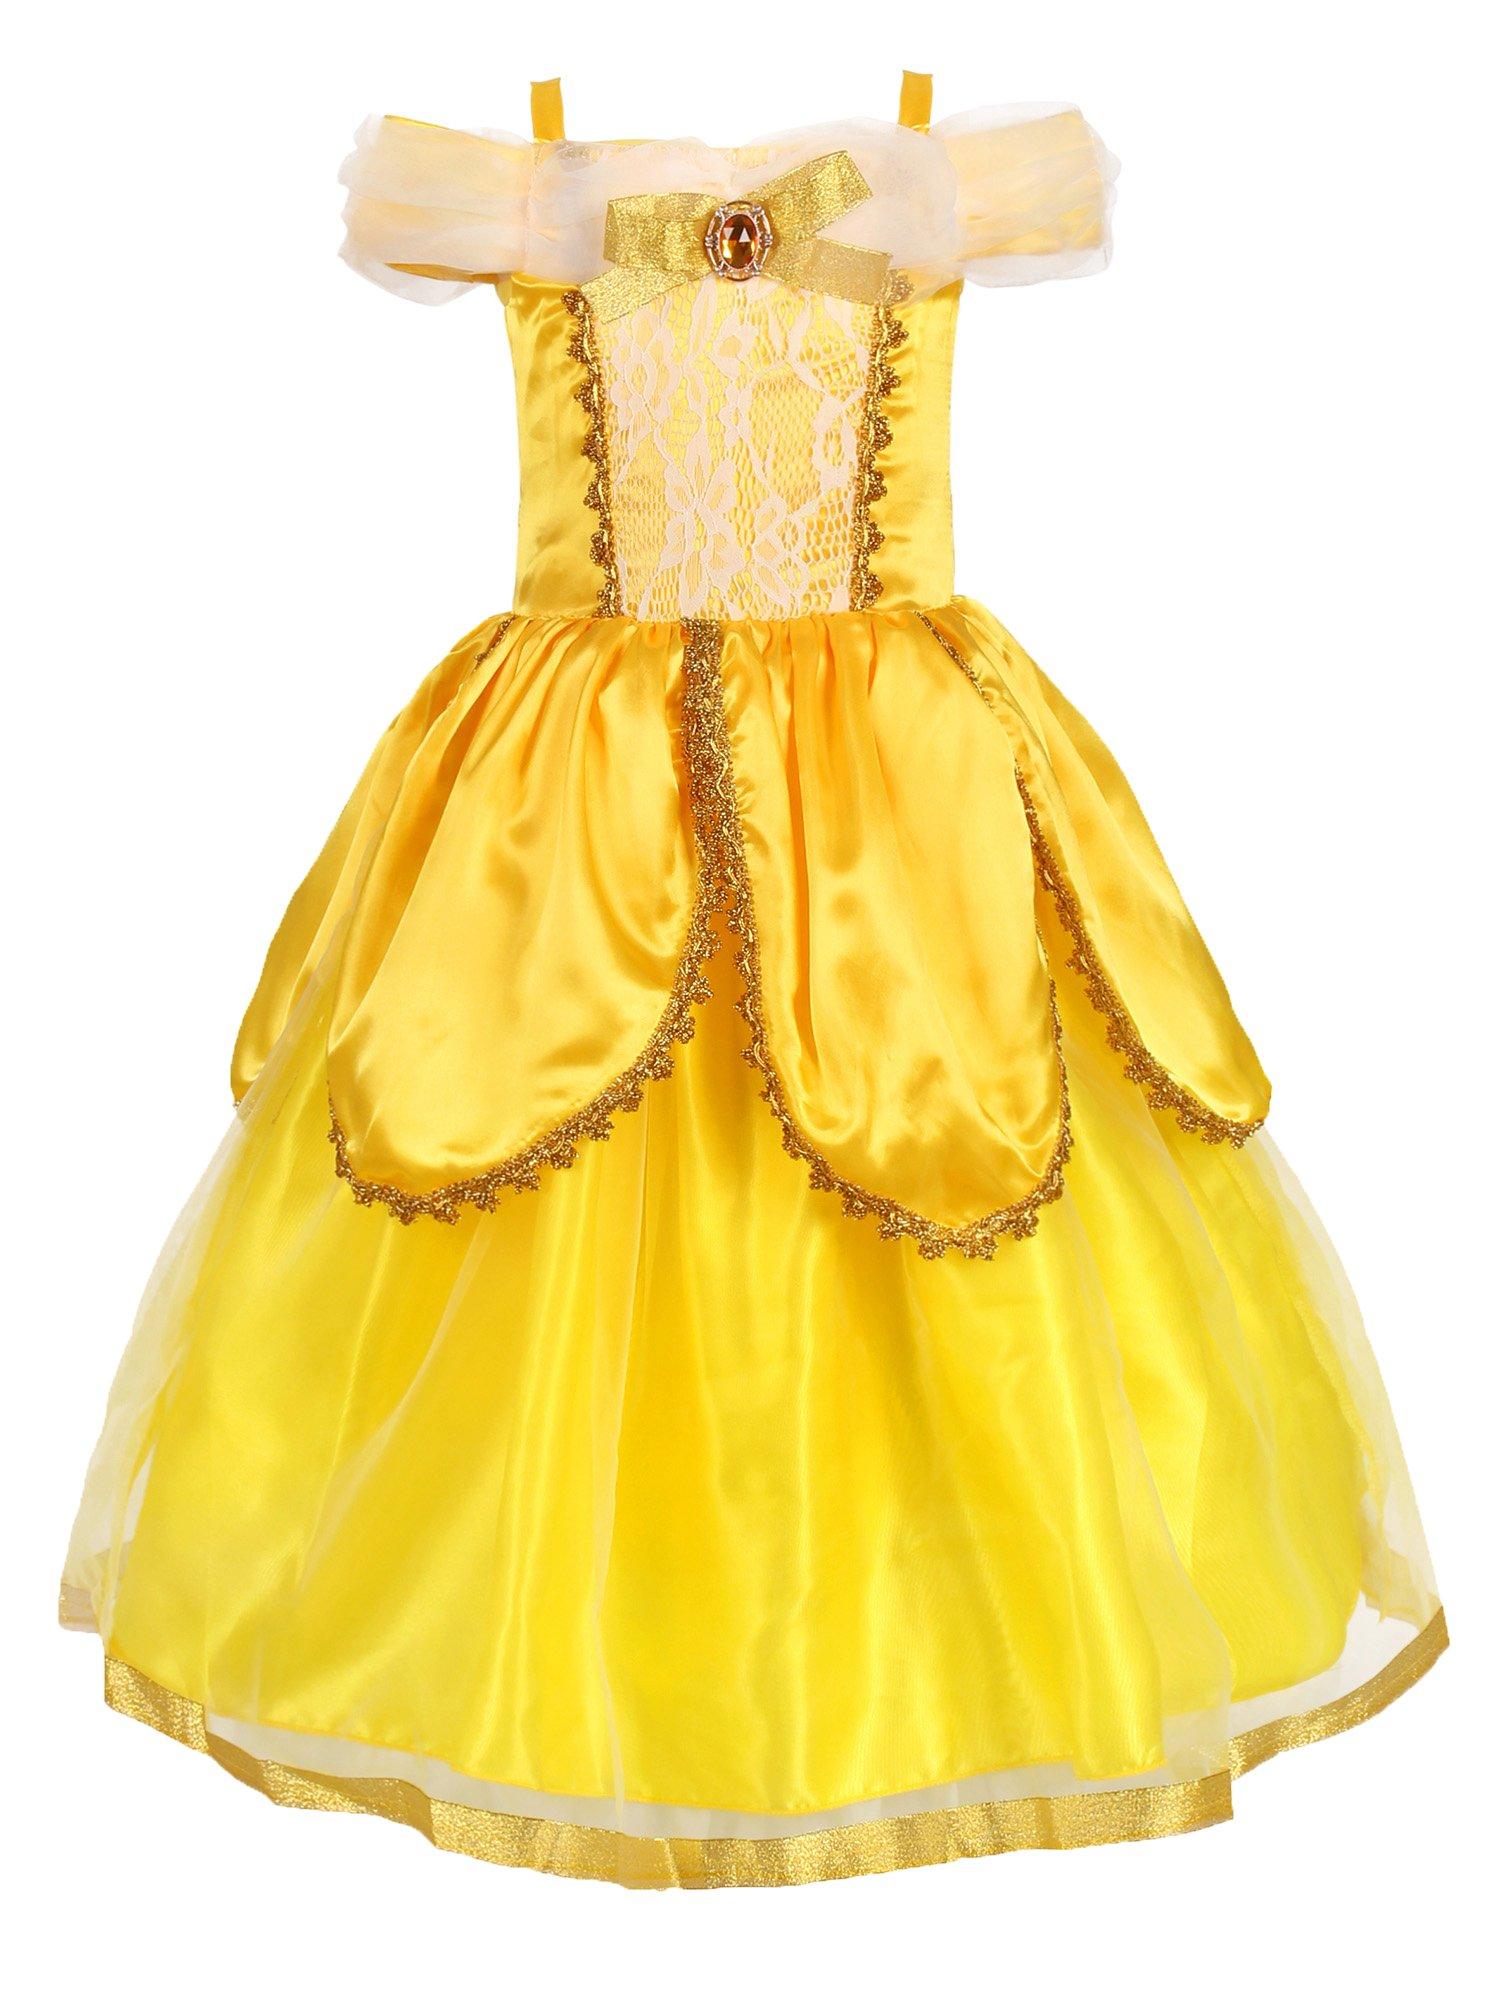 JerrisApparel Princesse Belle Costume De luxe Fête S'habiller pour Filles product image